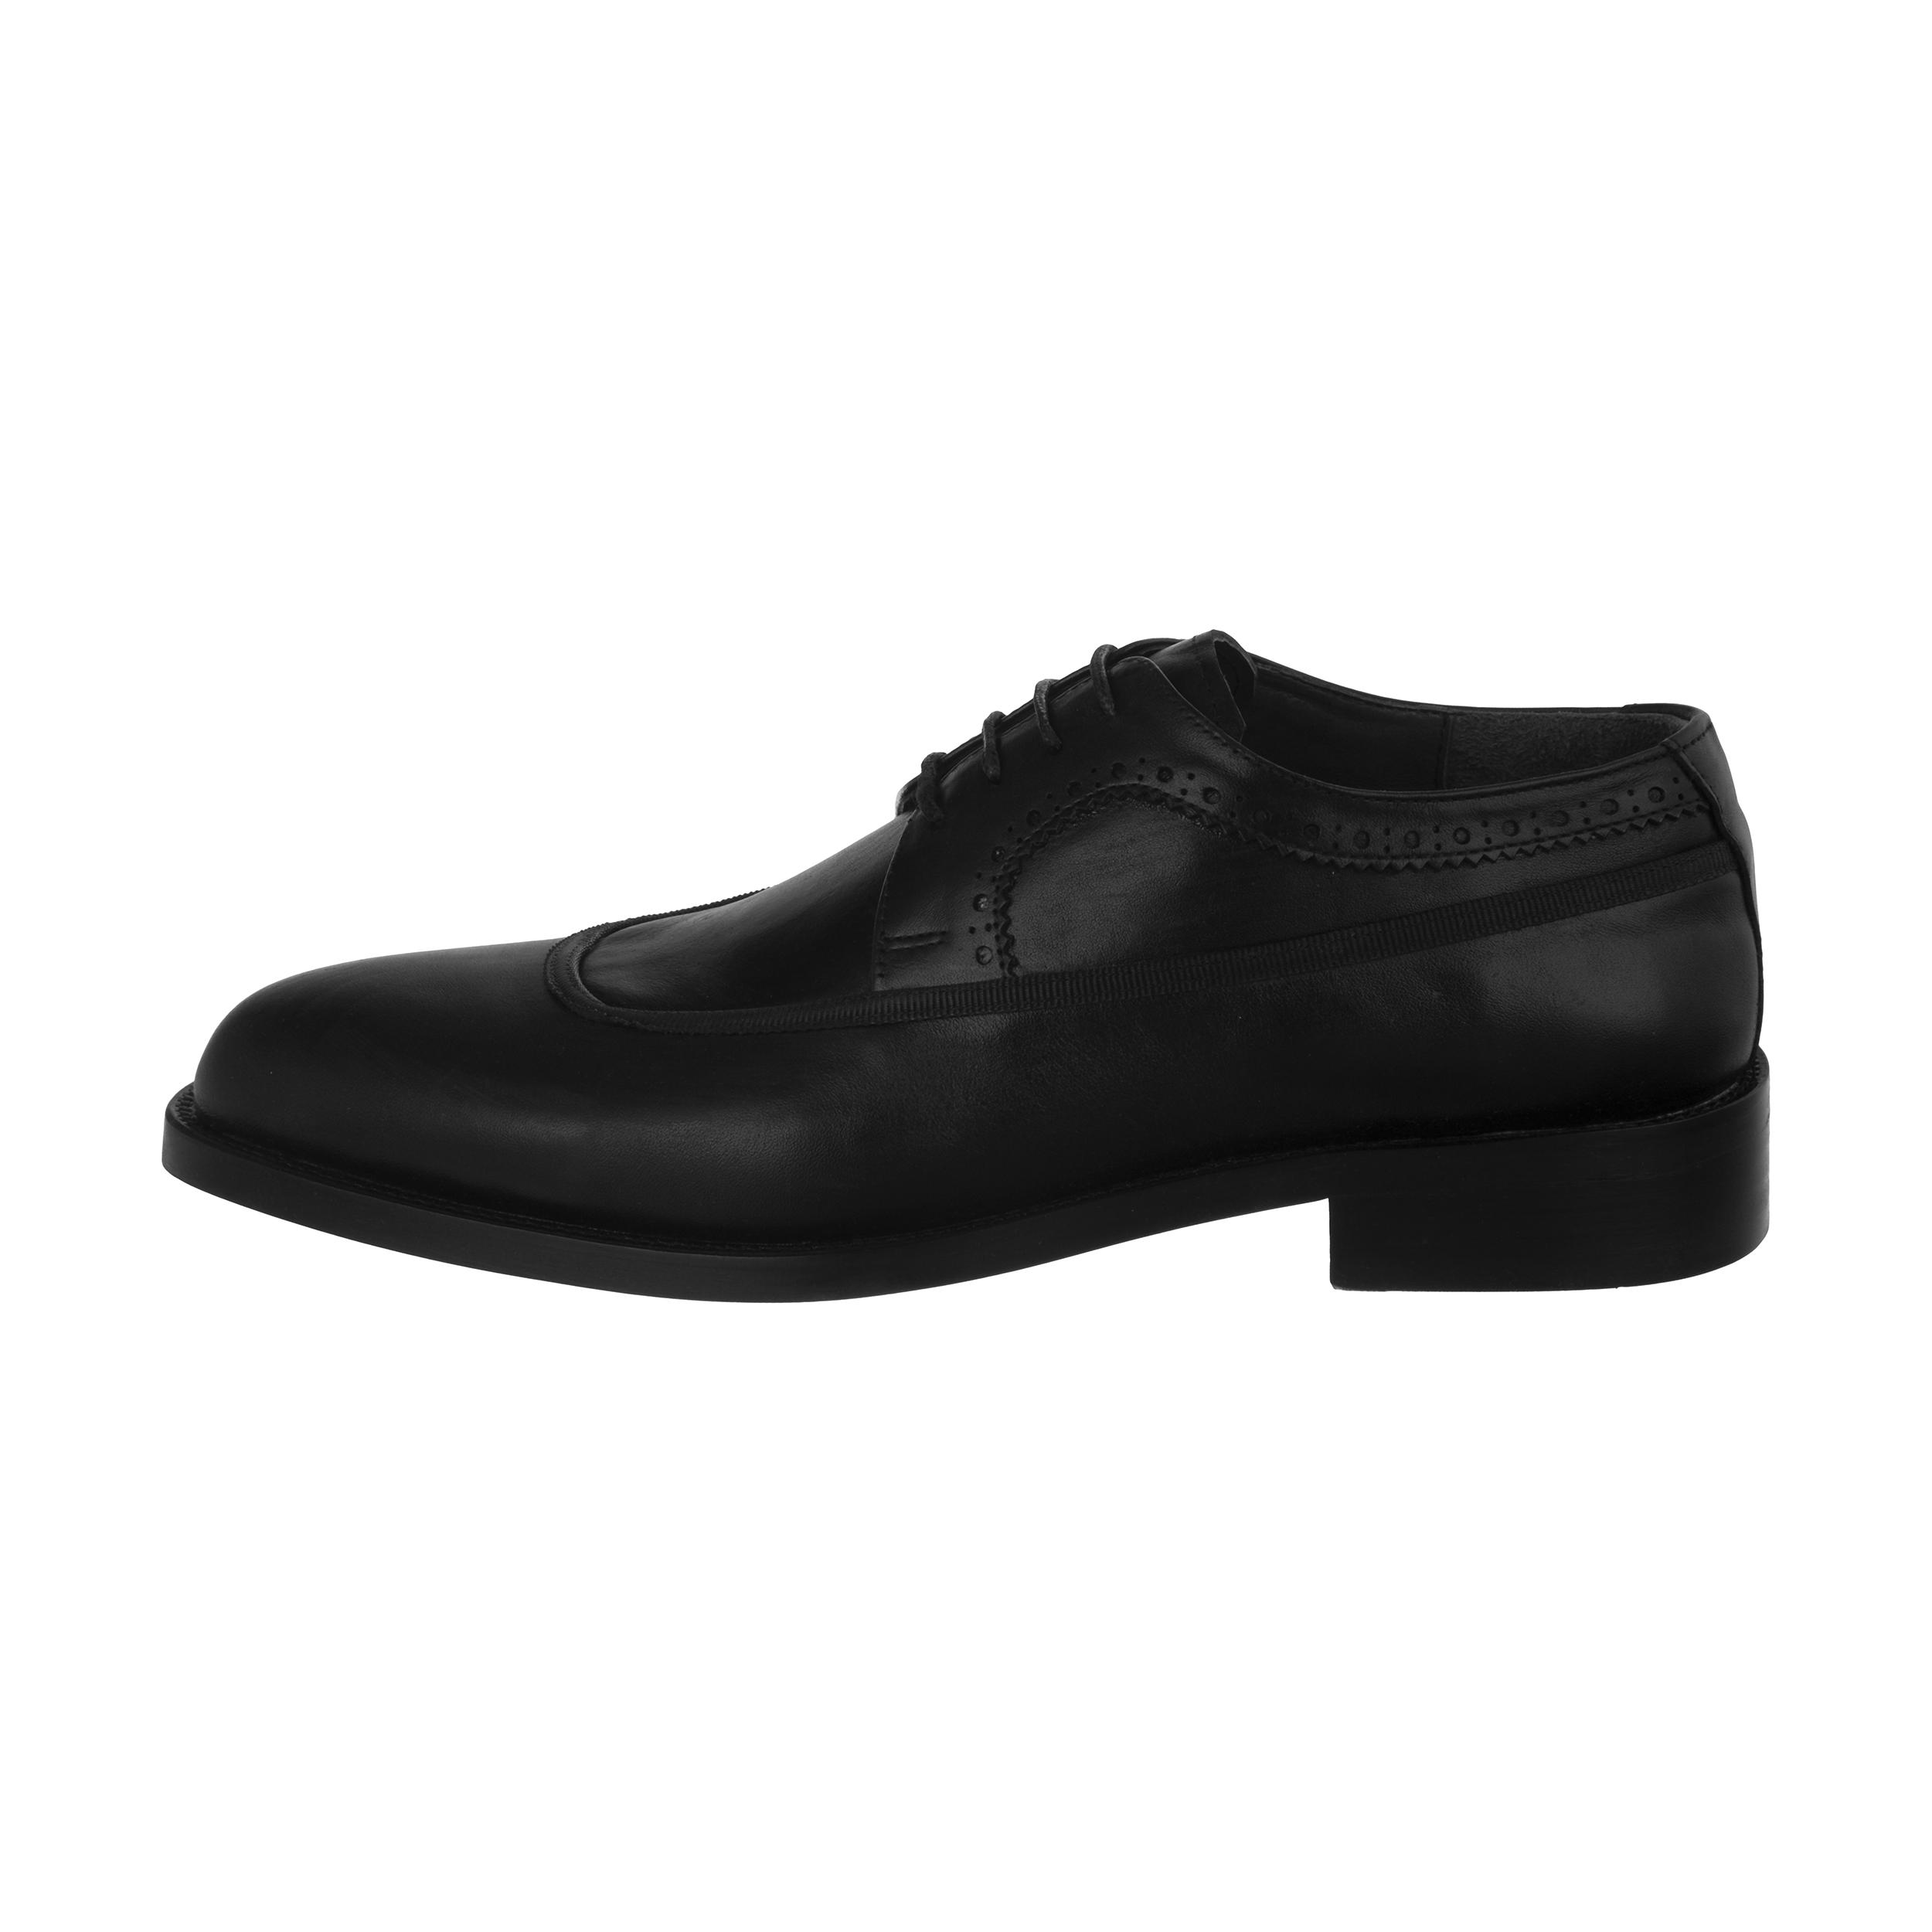 کفش مردانه آرتمن مدل Bao-41678